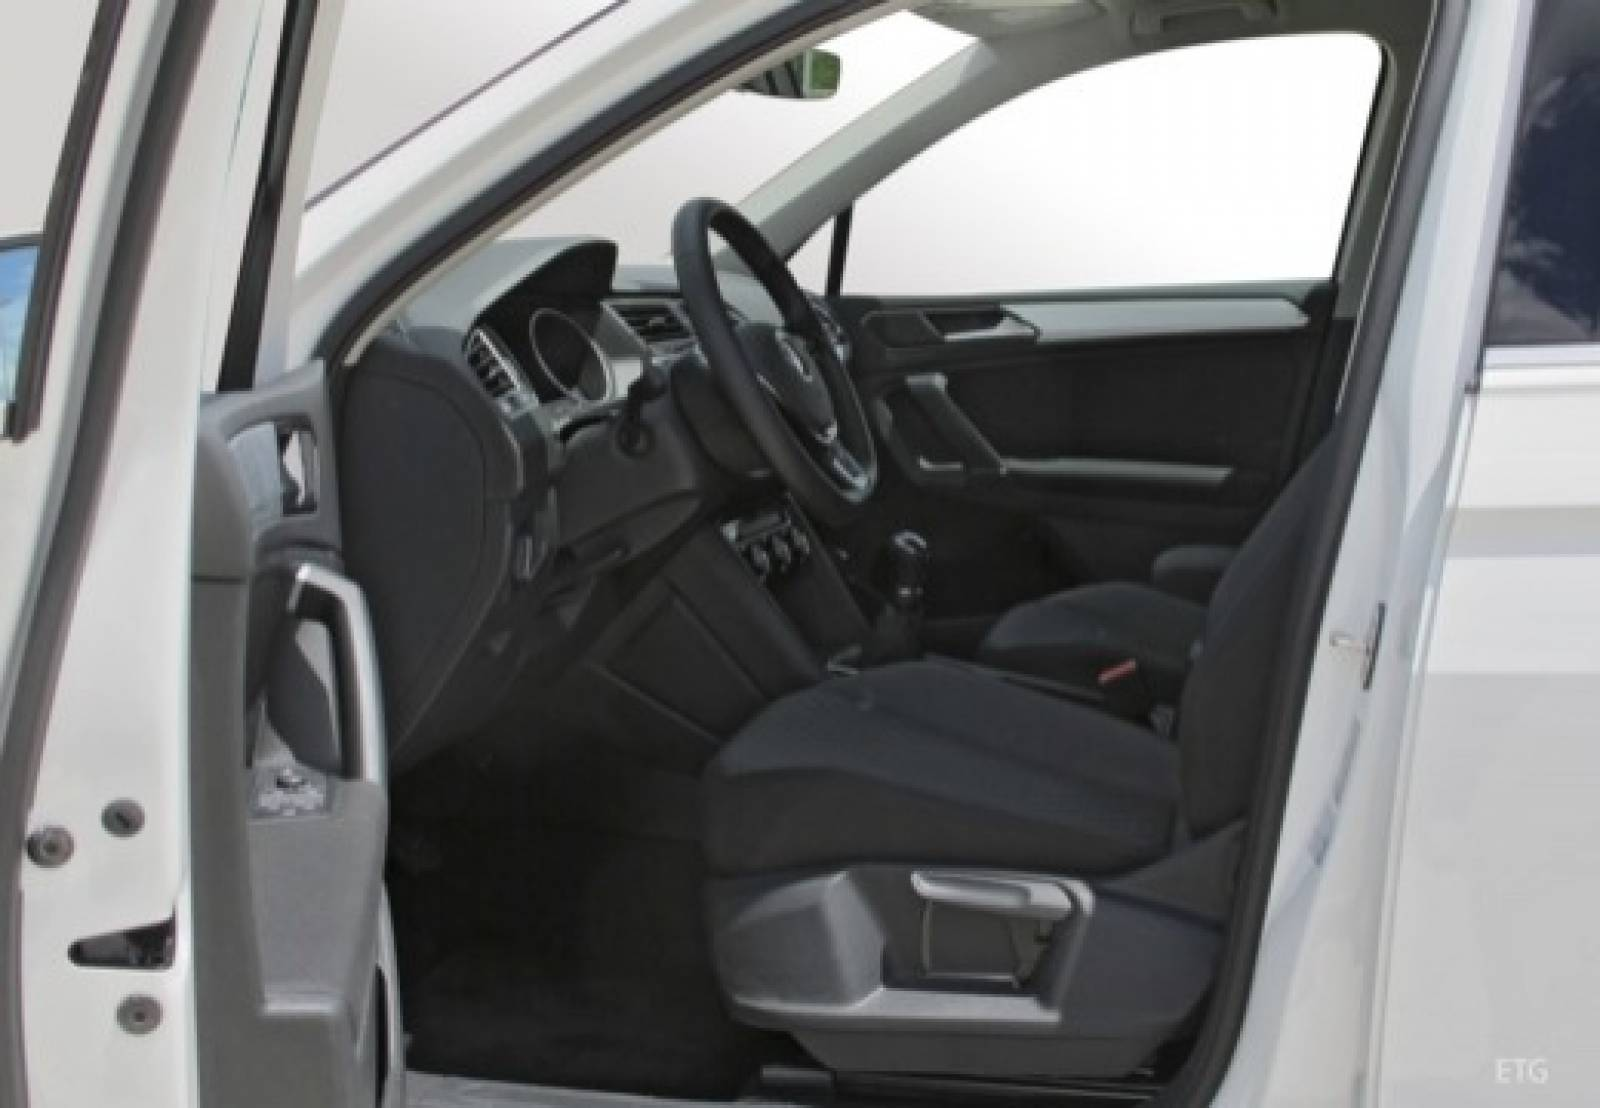 VOLKSWAGEN Tiguan 2.0 TDI 150 DSG7 - véhicule neuf - LEMAUVIEL AUTOMOBILES - Présentation site web V2 - Lemauviel Automobiles - VIRE - 14500 - VIRE - 7